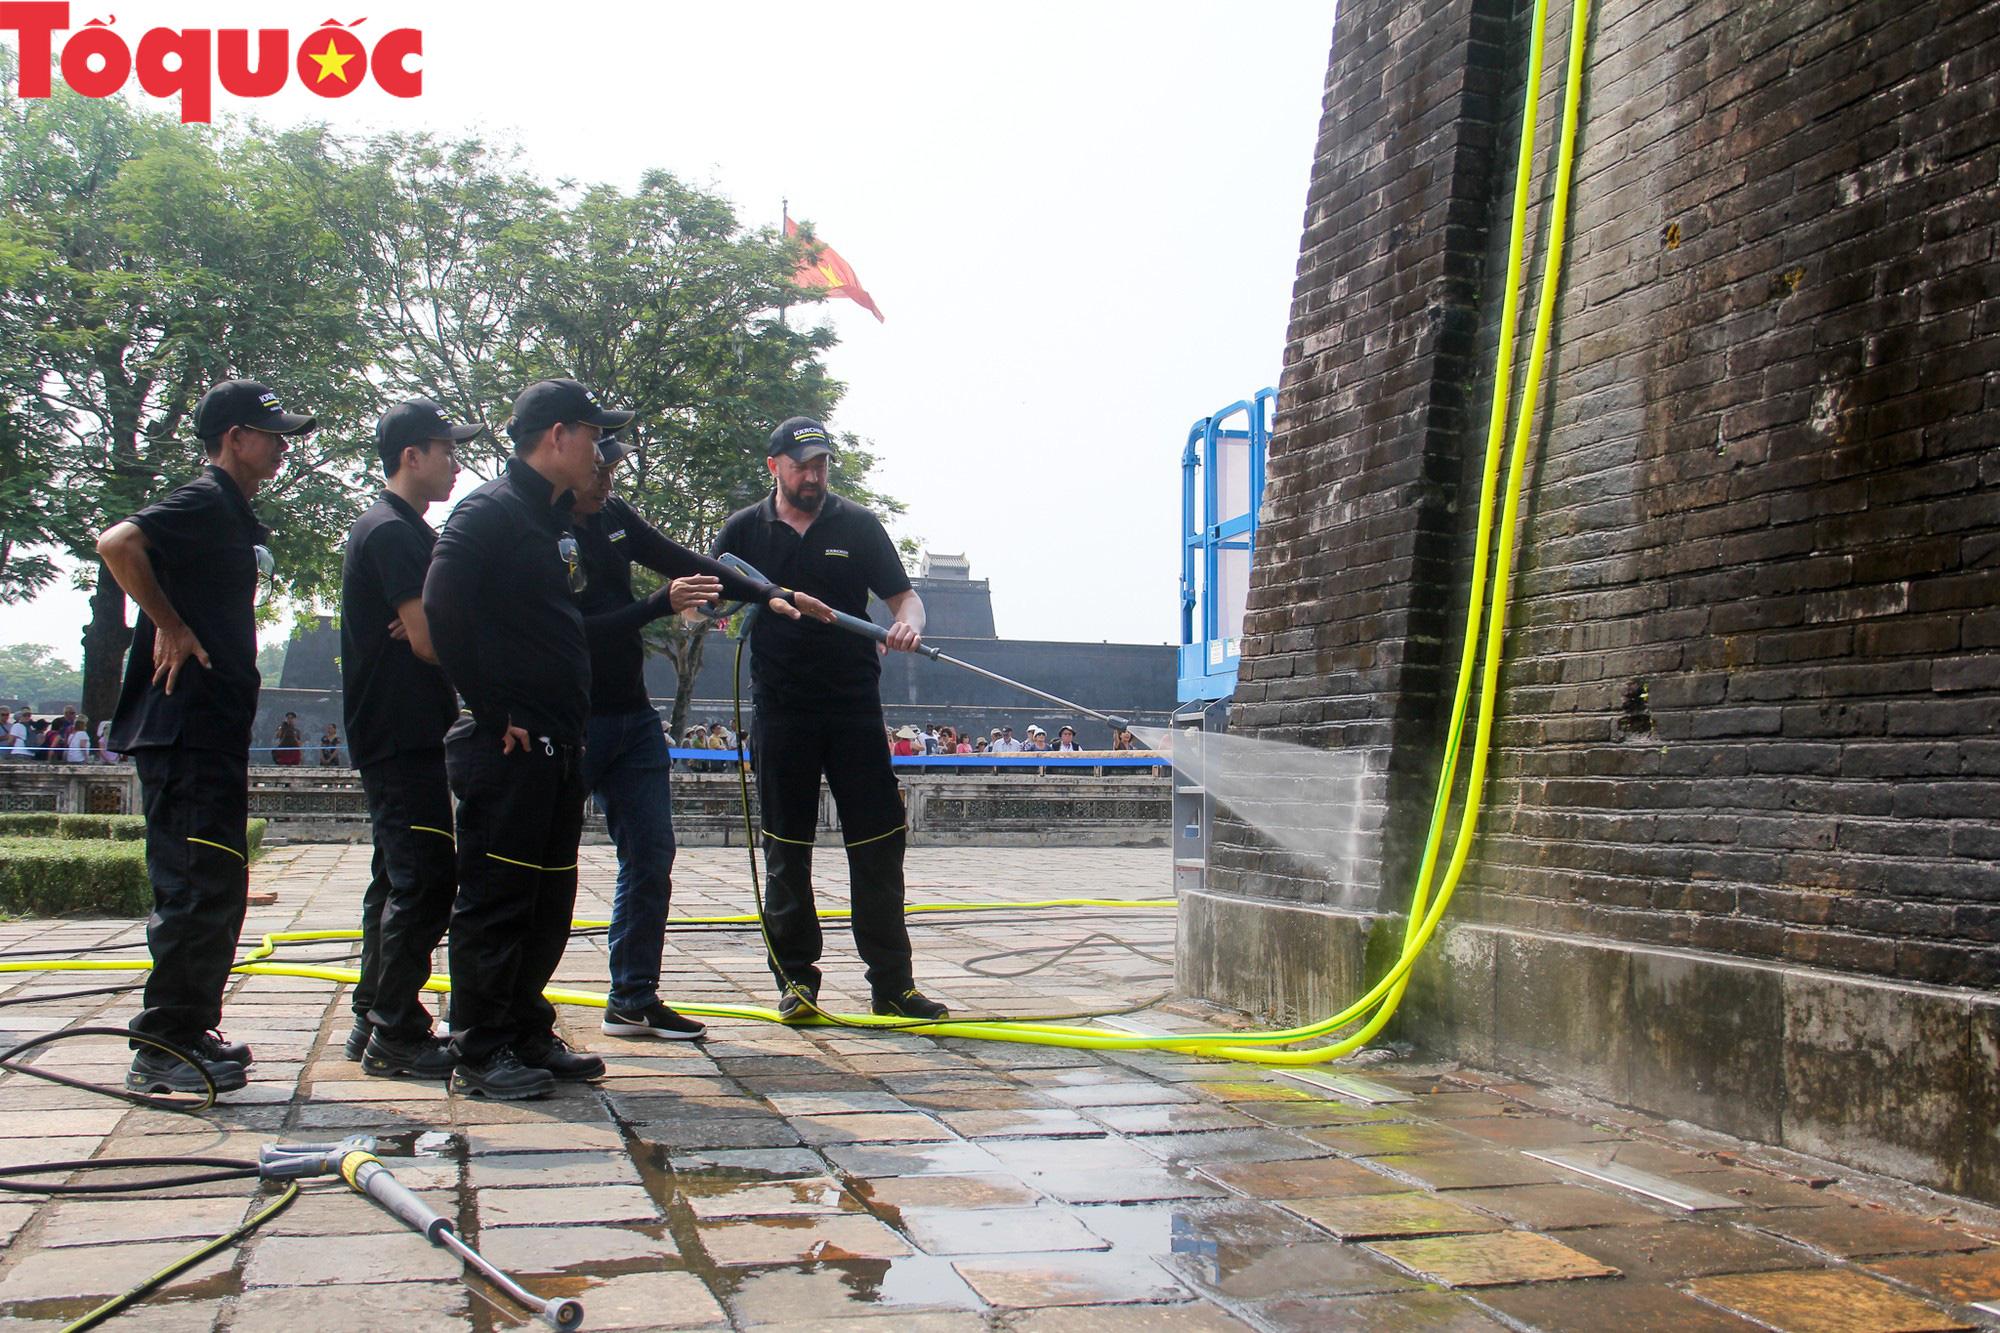 Xem chuyên gia làm sạch cổng Ngọ Môn Huế như đã thực hiện với tượng Chúa Cứu Thế tại Rio De Janeiro - Ảnh 4.